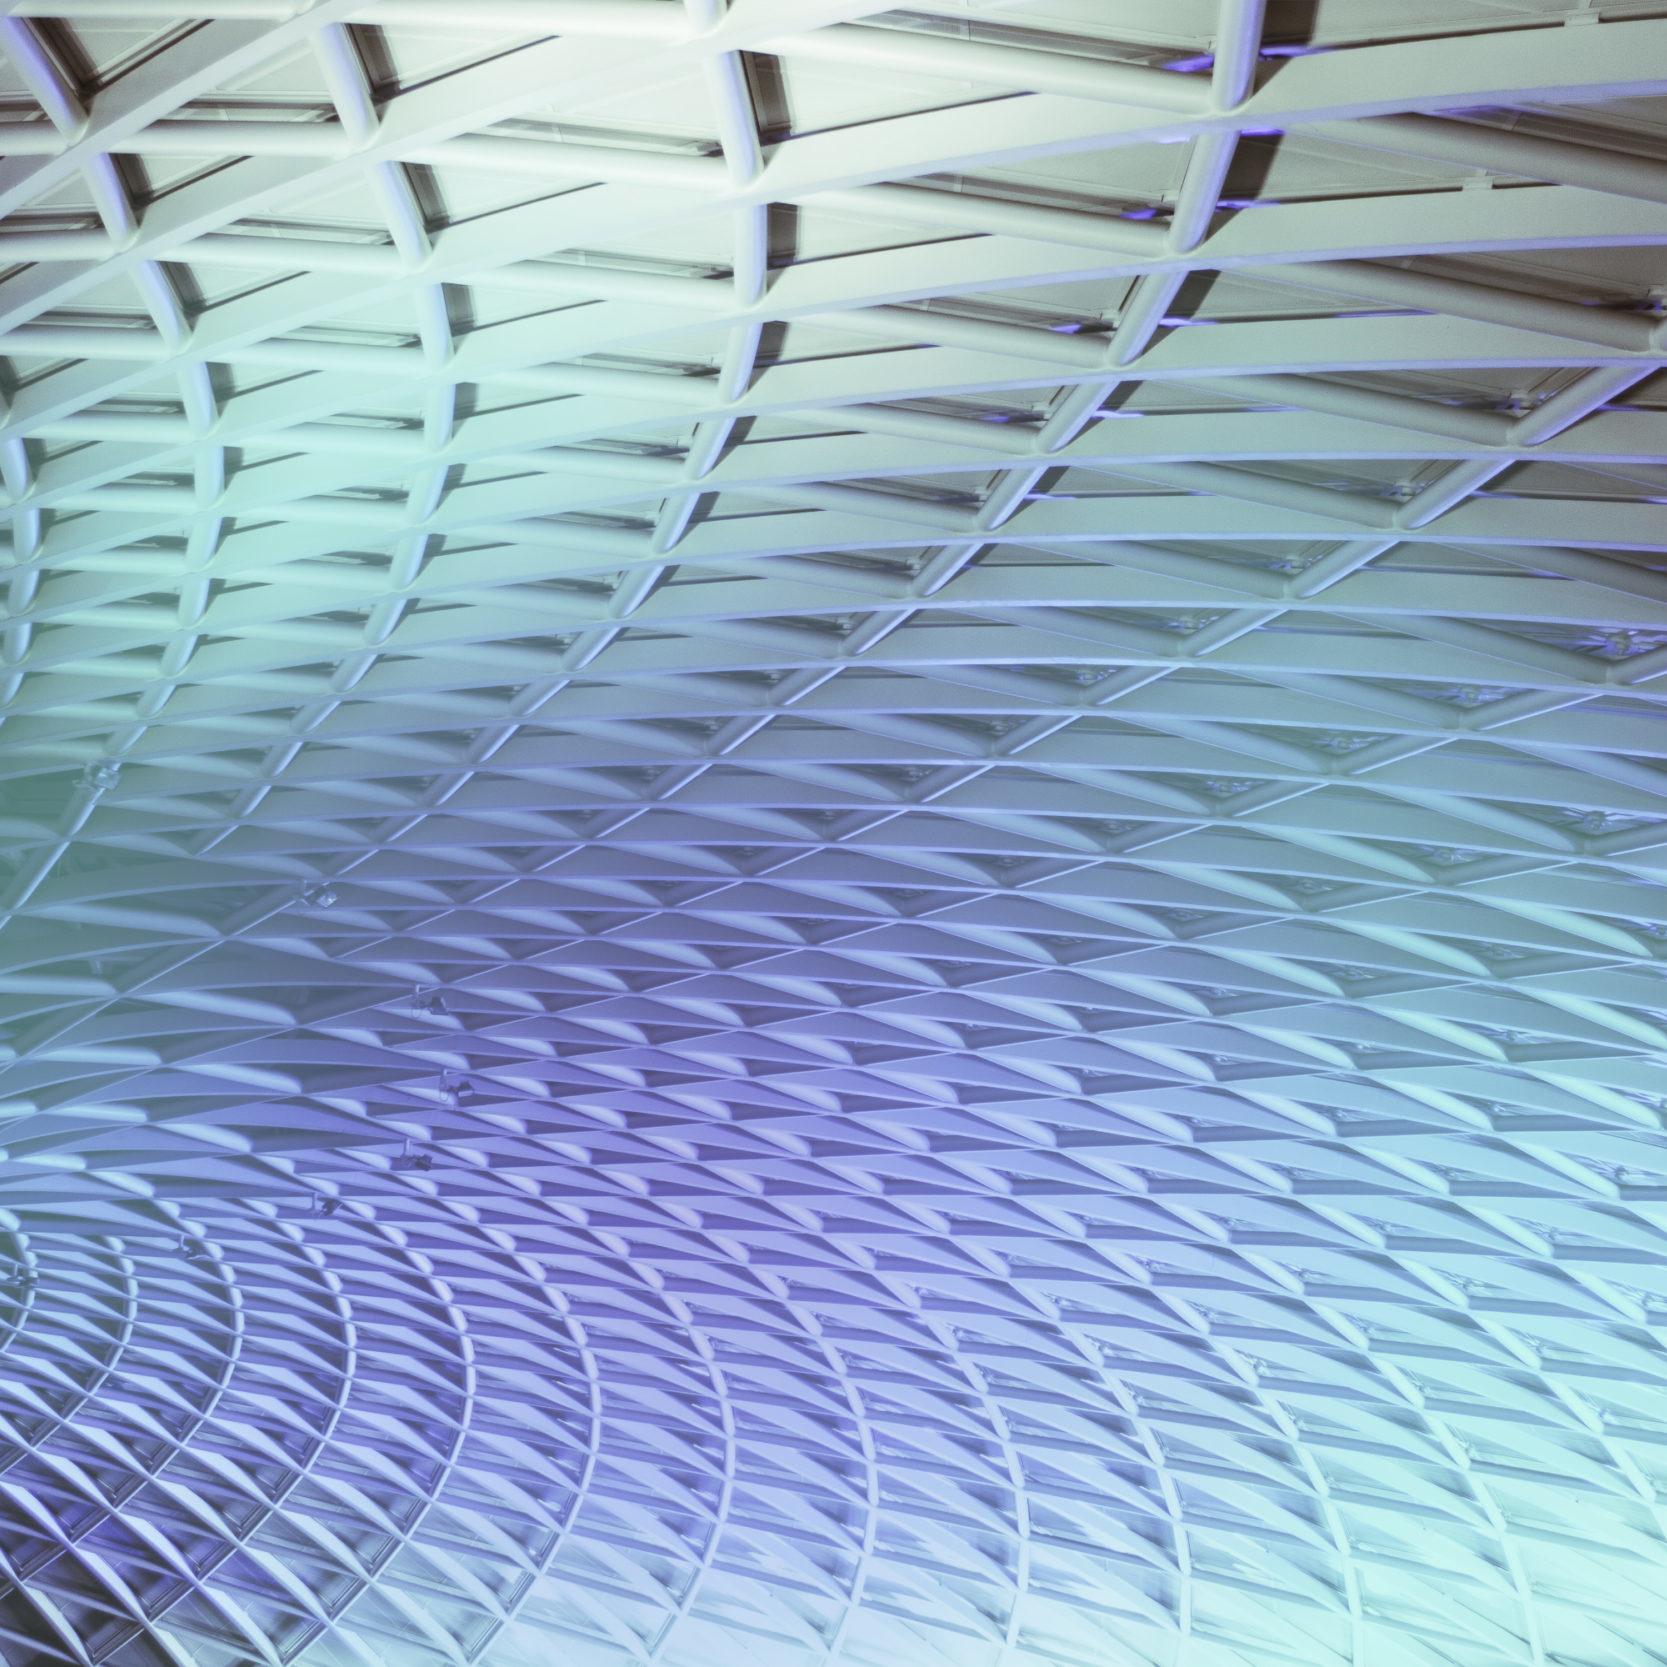 Bild eines gebogenen Daches mit Vertrebungen und Lichteffekten